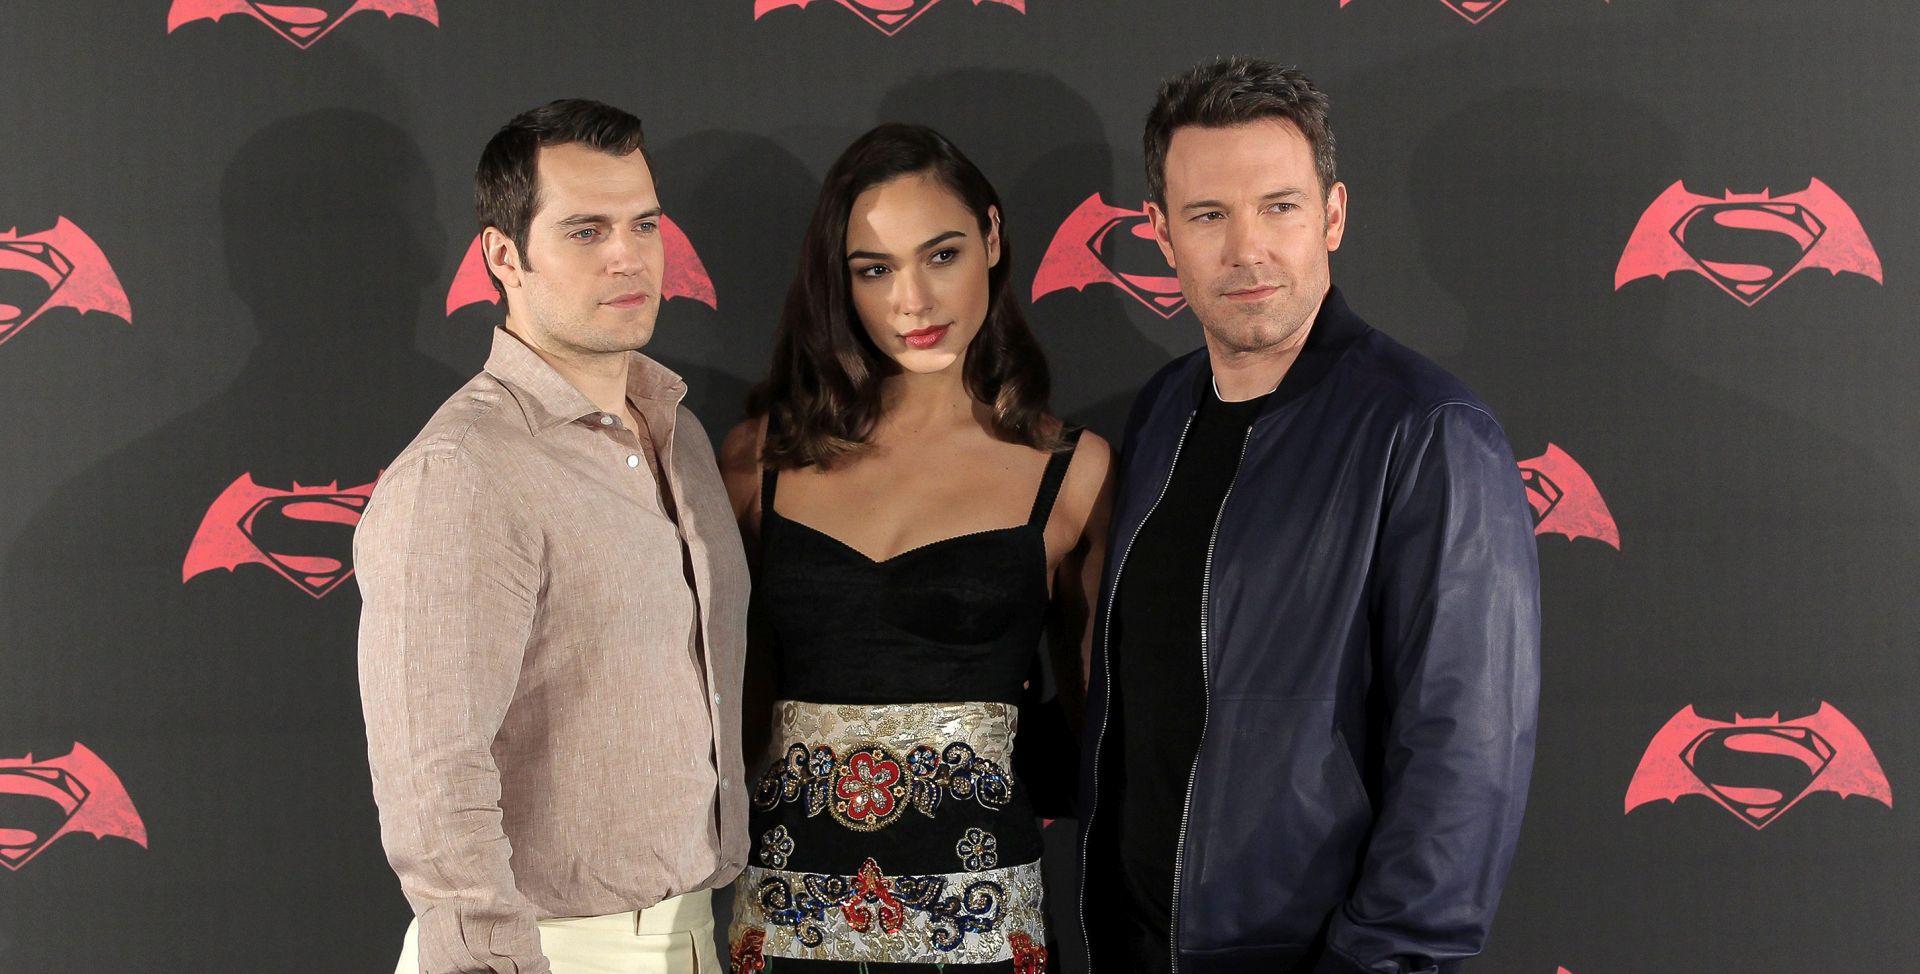 VIDEO: LAKO ZA KRITIČARE! Obožavatelji pohrlili u kina, 'Dawn of Justice' u pet dana 'uzeo' 424 milijuna dolara